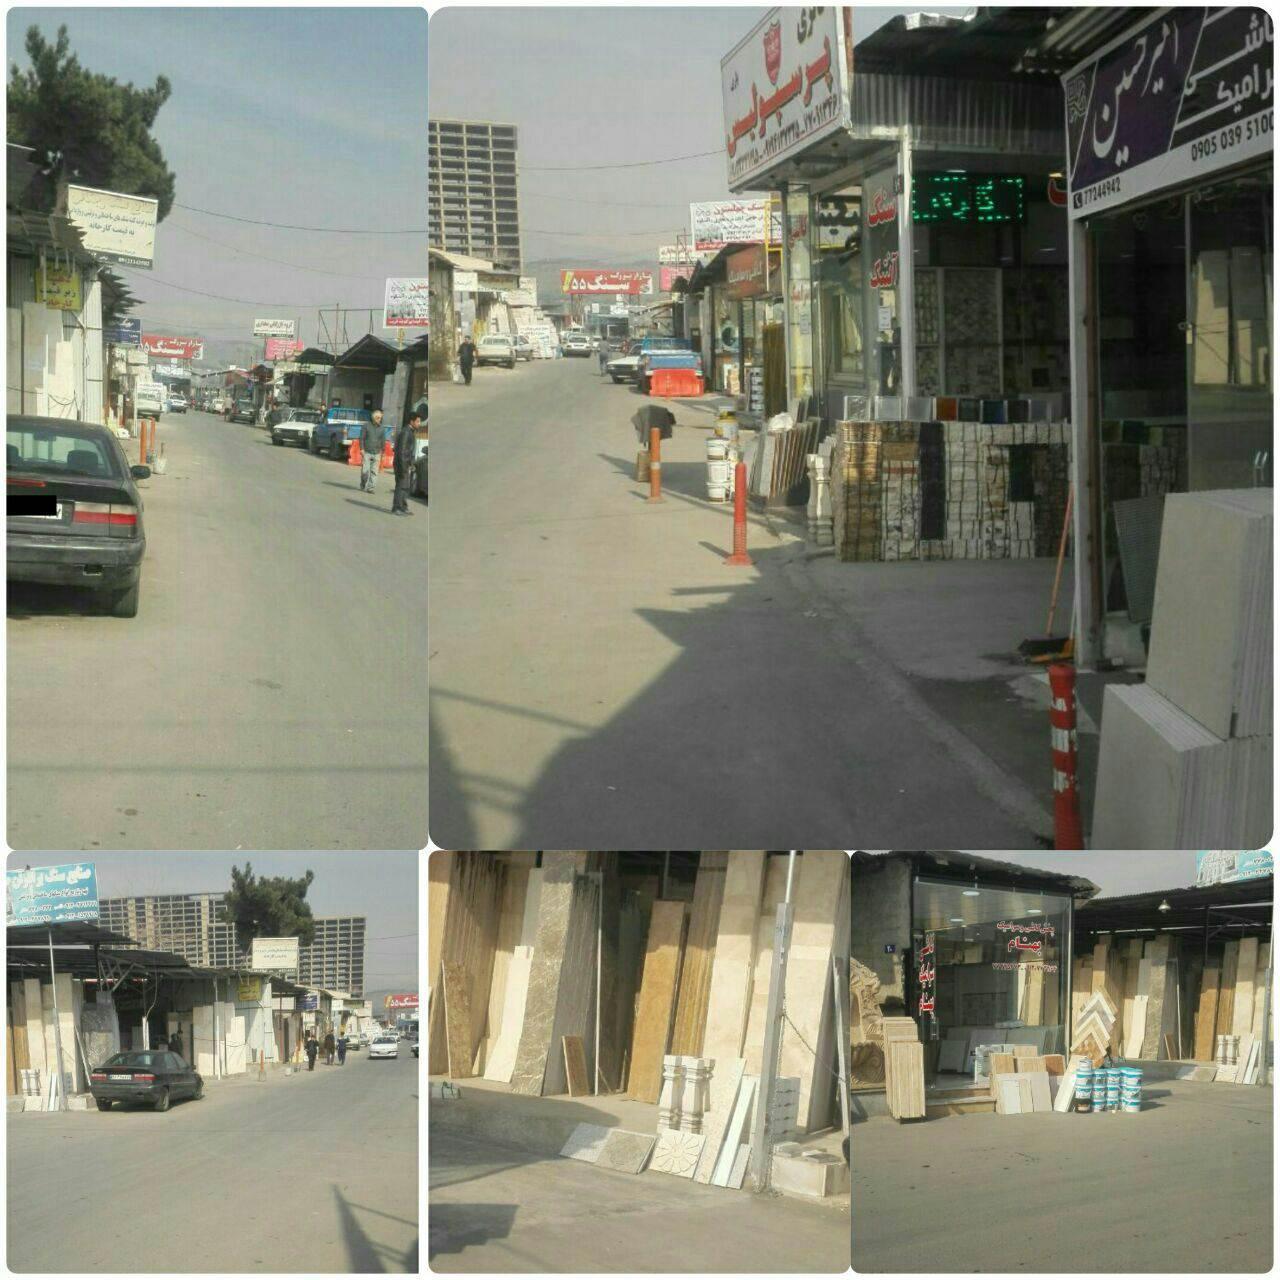 ماجرای بنیاد و زمین خیابان نیروی دریایی تهران